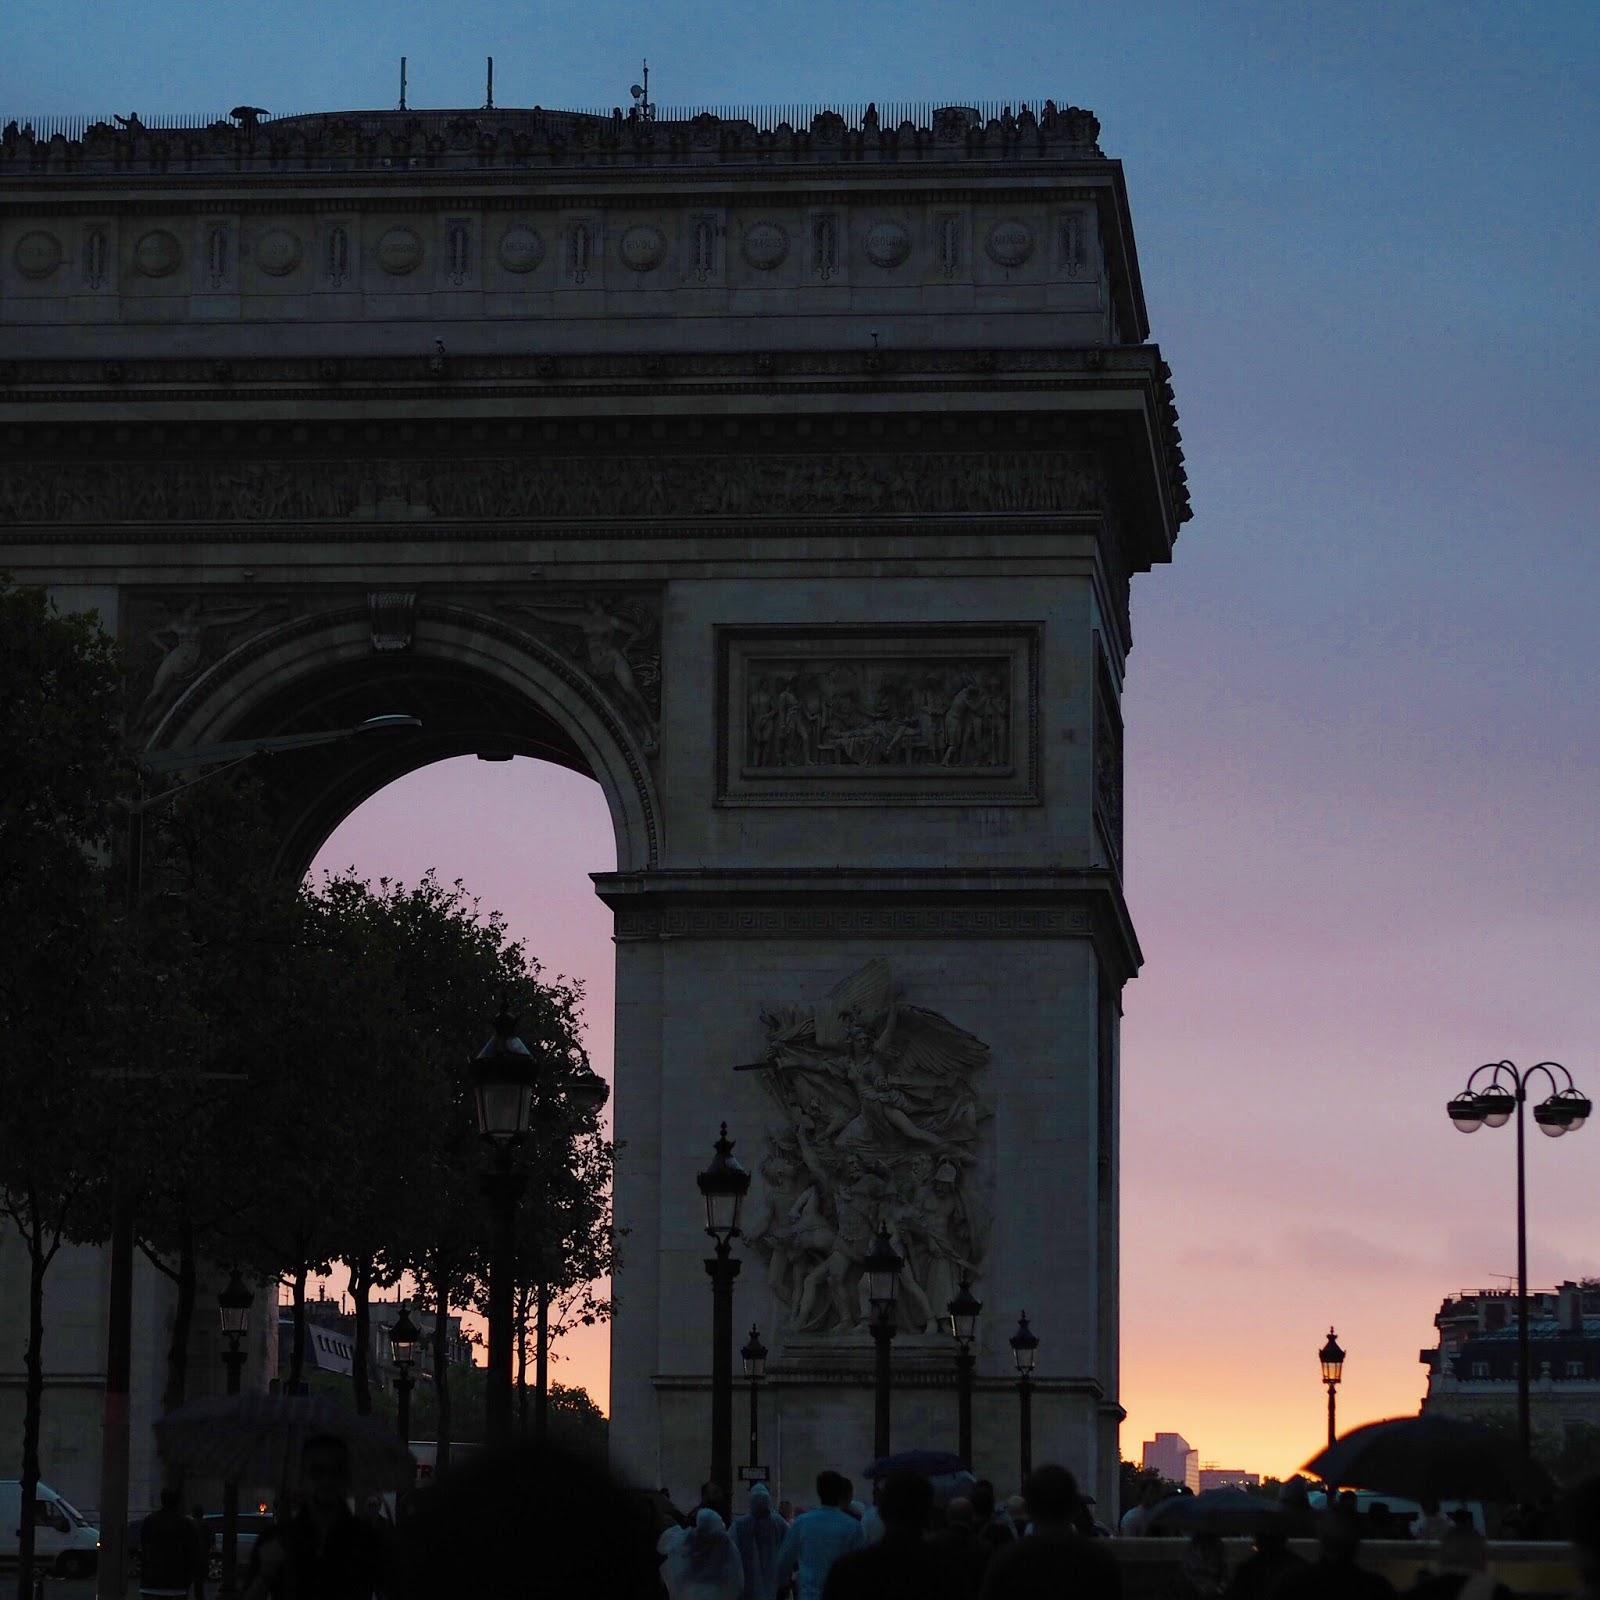 arc du triomphe at sunset in paris